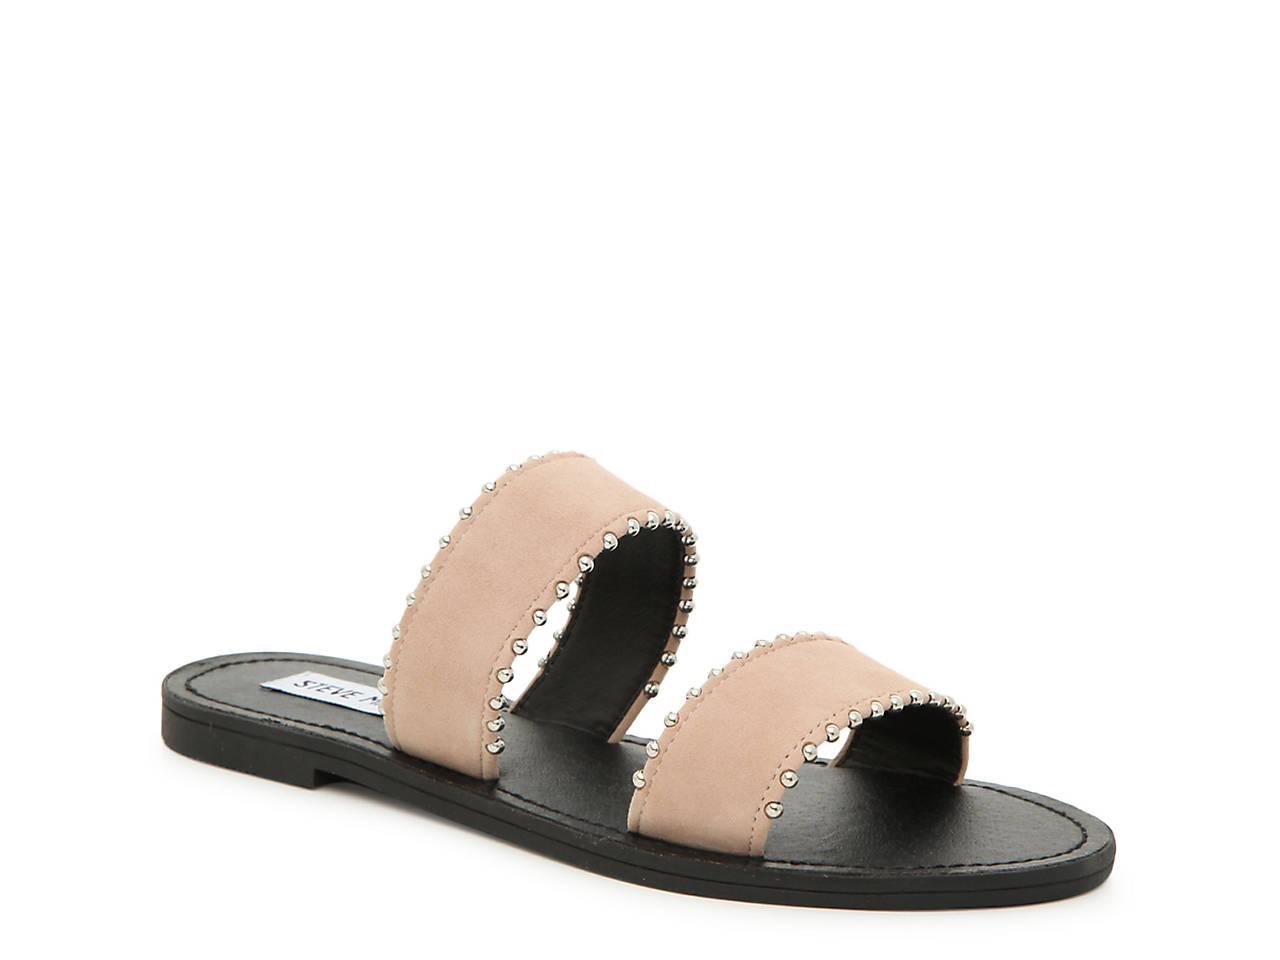 c13cf9b1cf0 Steve Madden Lola Sandal Women s Shoes